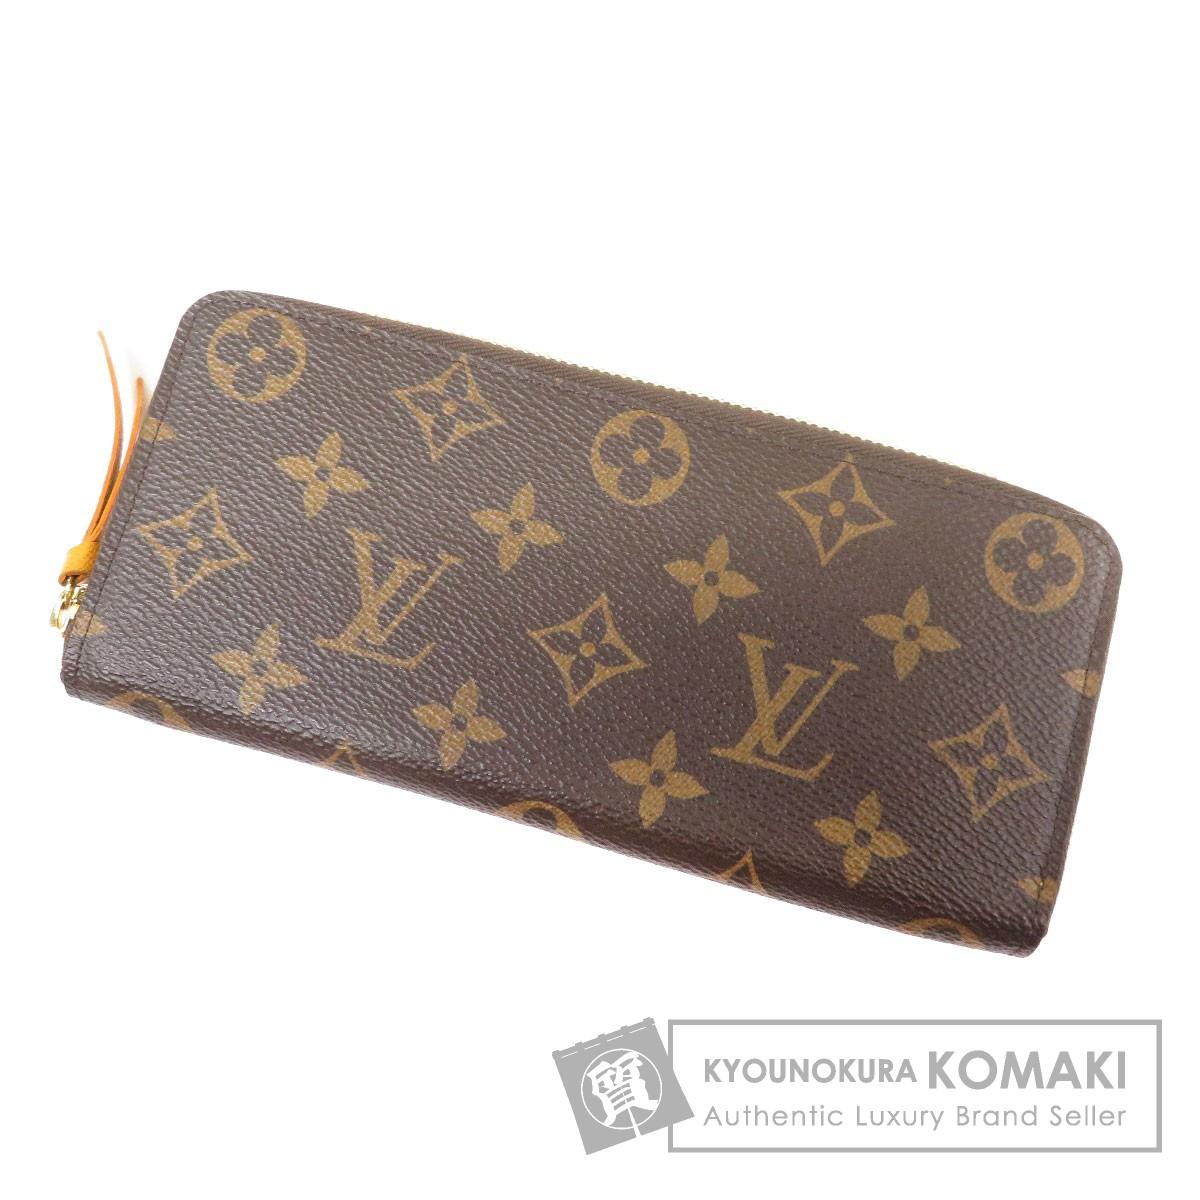 LOUIS VUITTON M60744 クレマンス 長財布(小銭入れあり) モノグラムキャンバス レディース 【中古】【ルイ・ヴィトン】